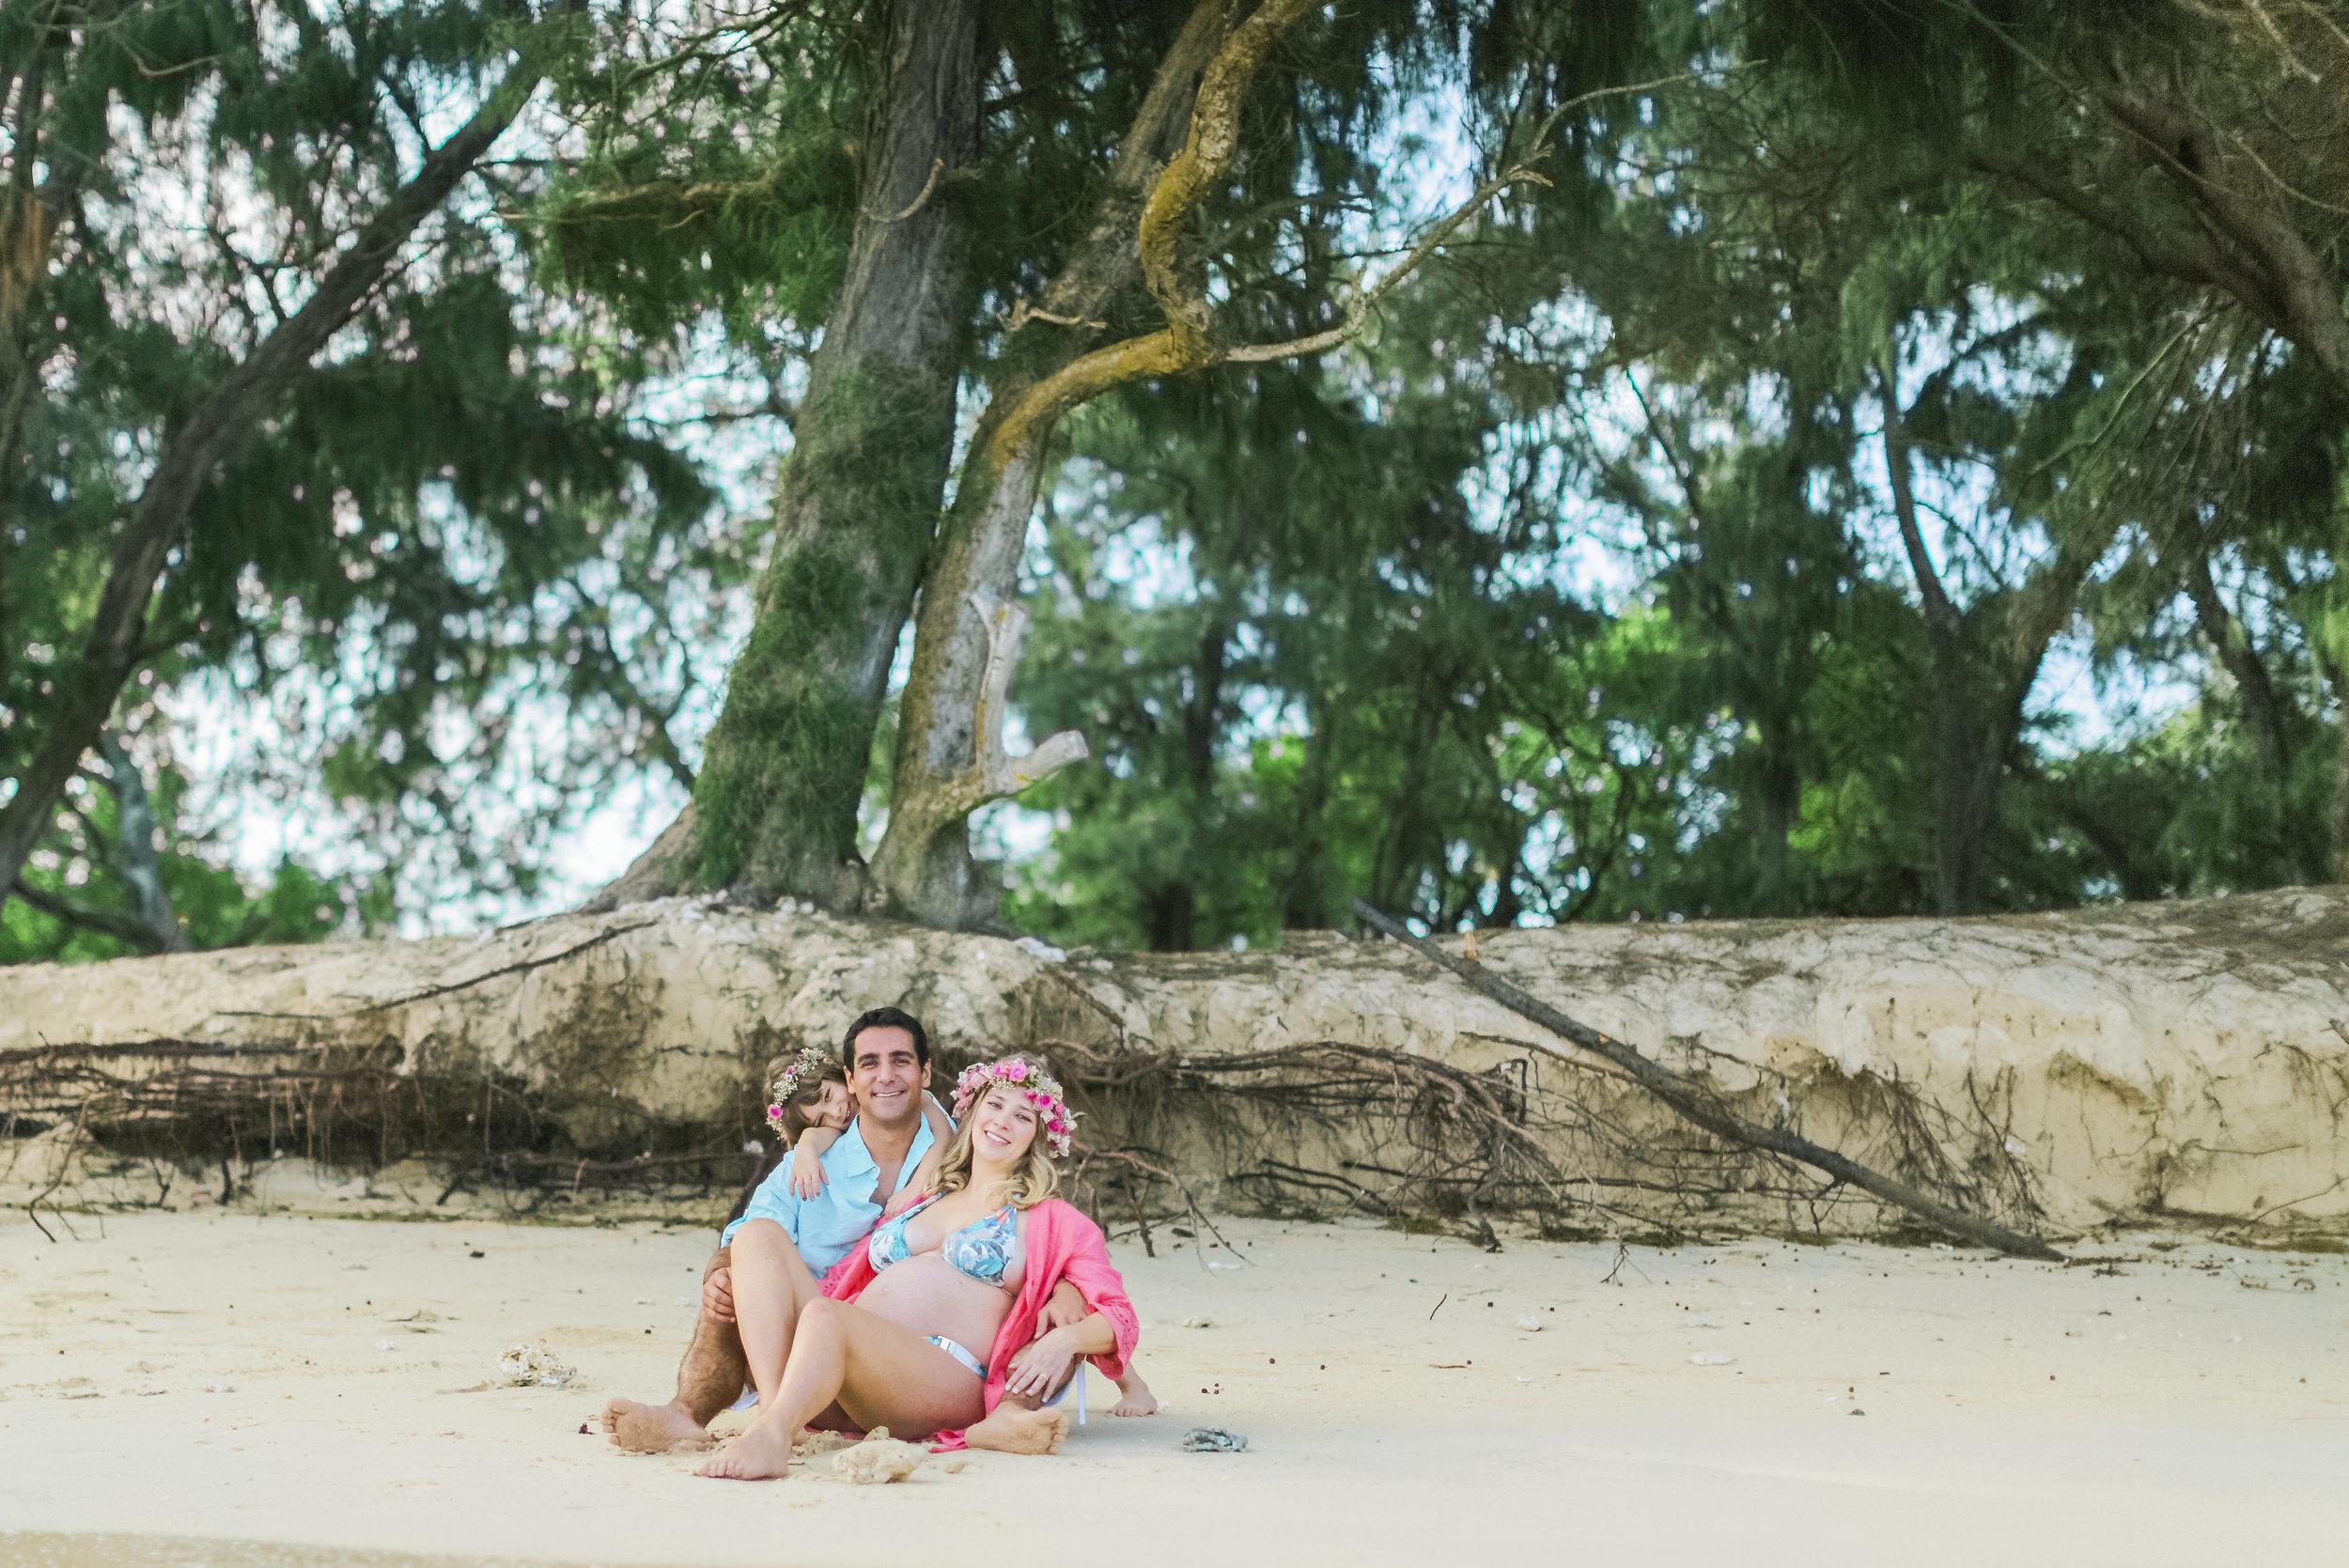 angie-diaz-photography-maui-family-maternity-kanaha-beach-06.jpeg